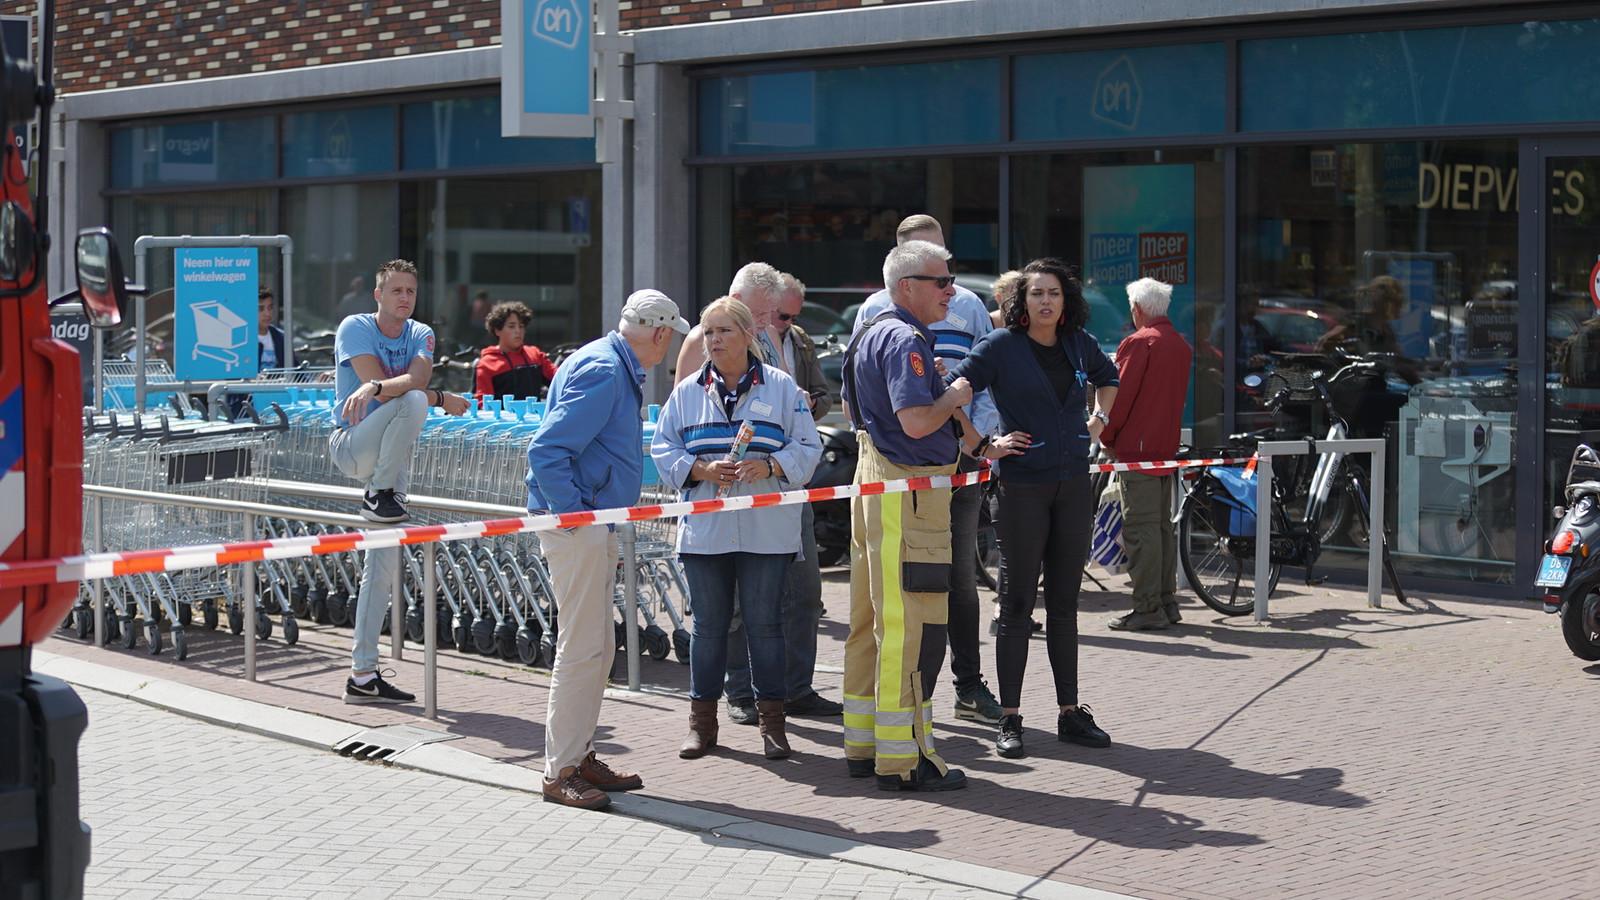 Winkelend publiek moet buiten wachten vanwege een gaslucht in winkelcentrum Keizerslanden in Deventer.